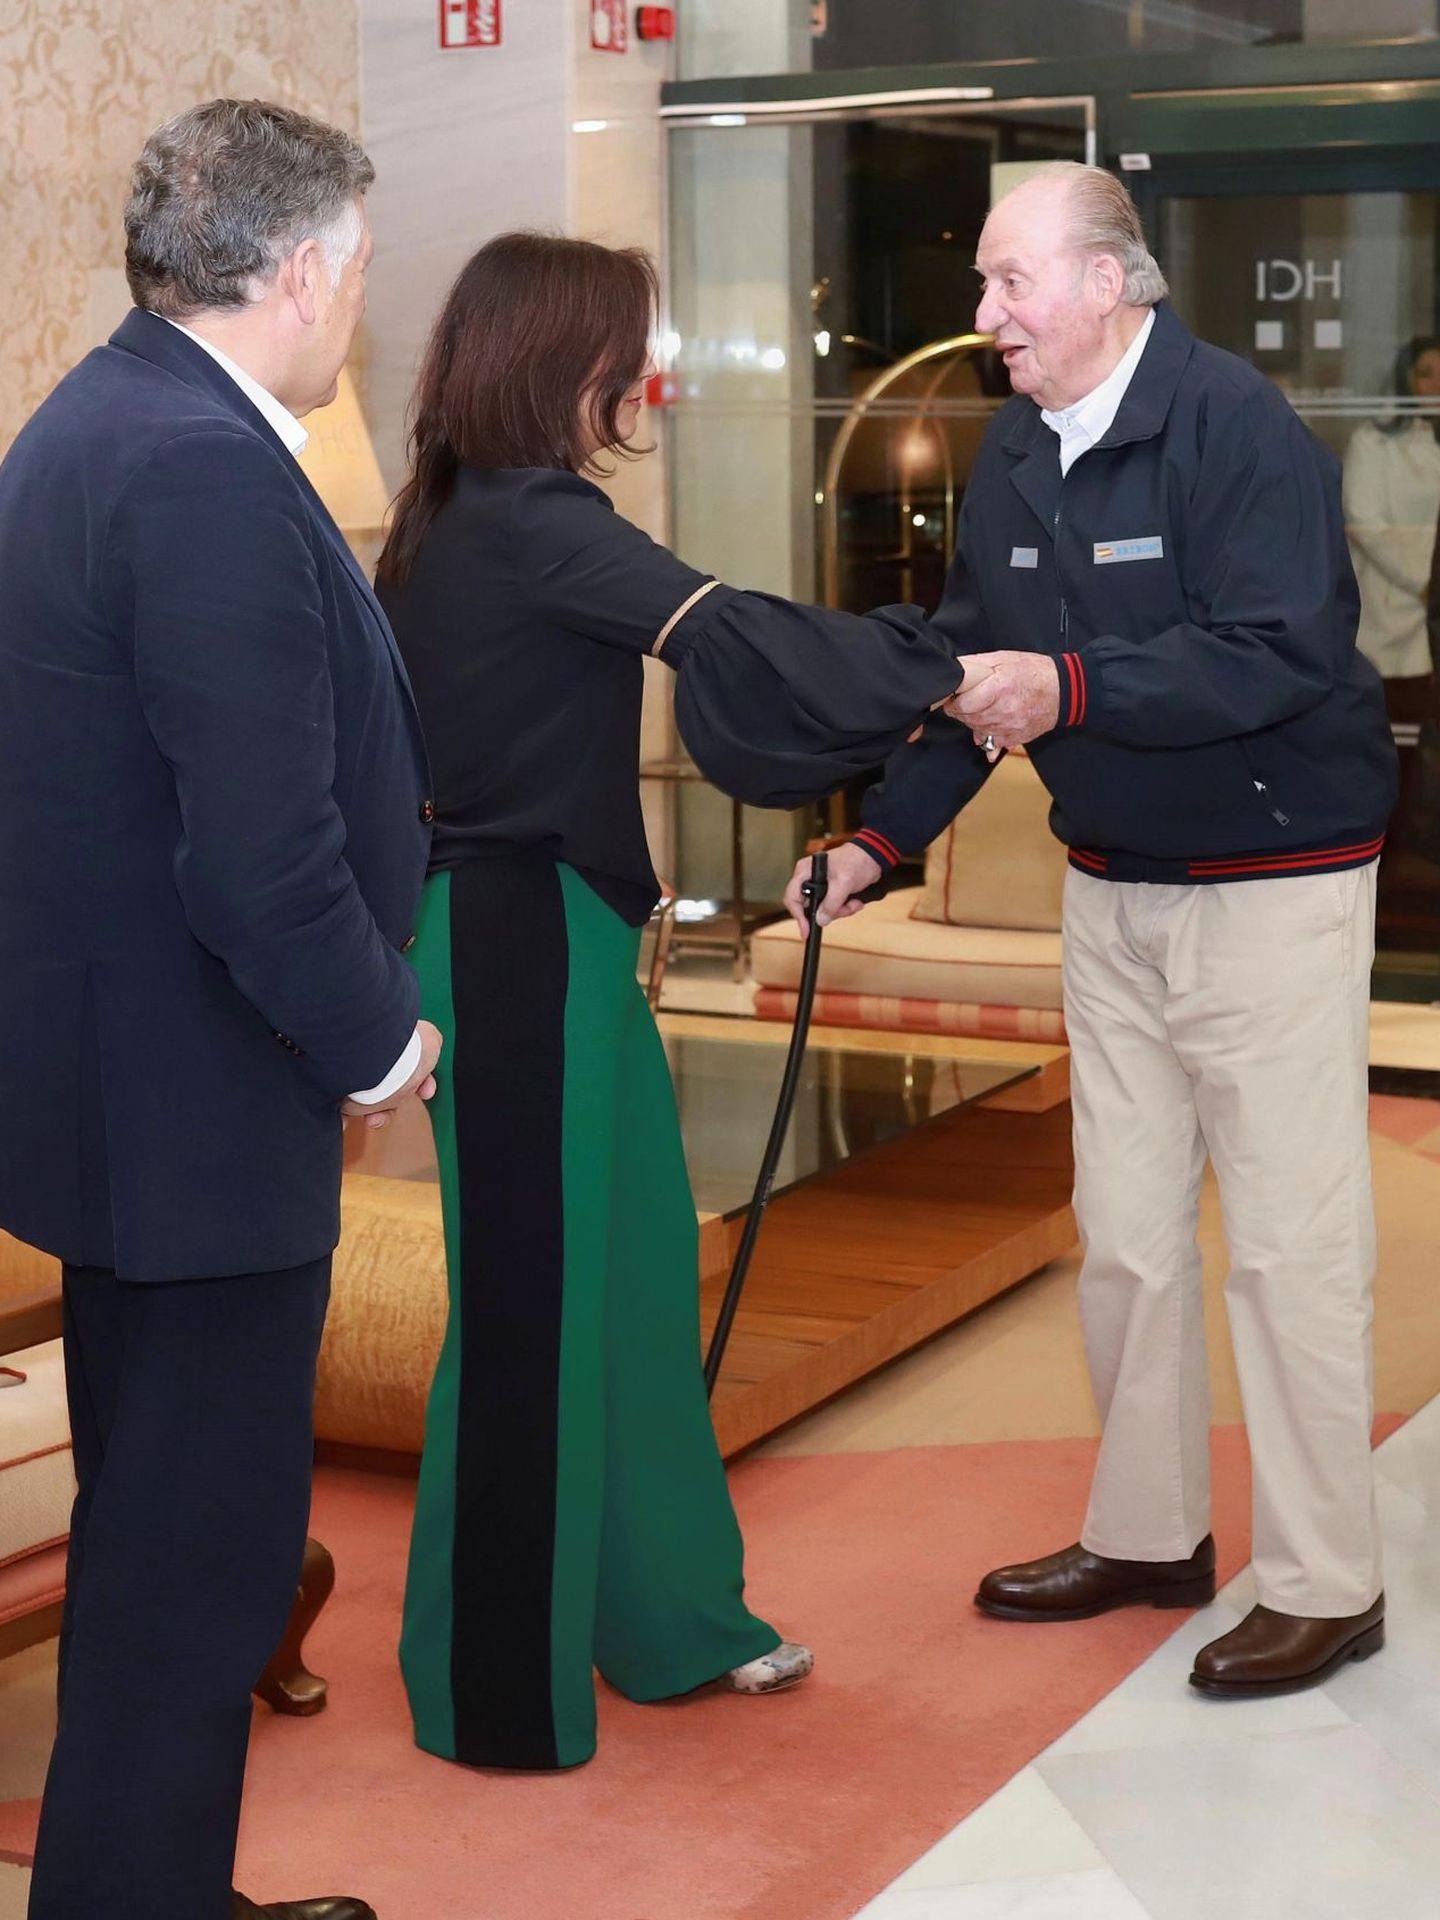 El rey Juan Carlos saluda al alcalde de Sanxenxo, Telmo Martín, y a la mujer de este, a su llegada a la cena con el presidente de la Xunta de Galicia, Alberto Núñez Feijóo, en Sanxenxo. (EFE)